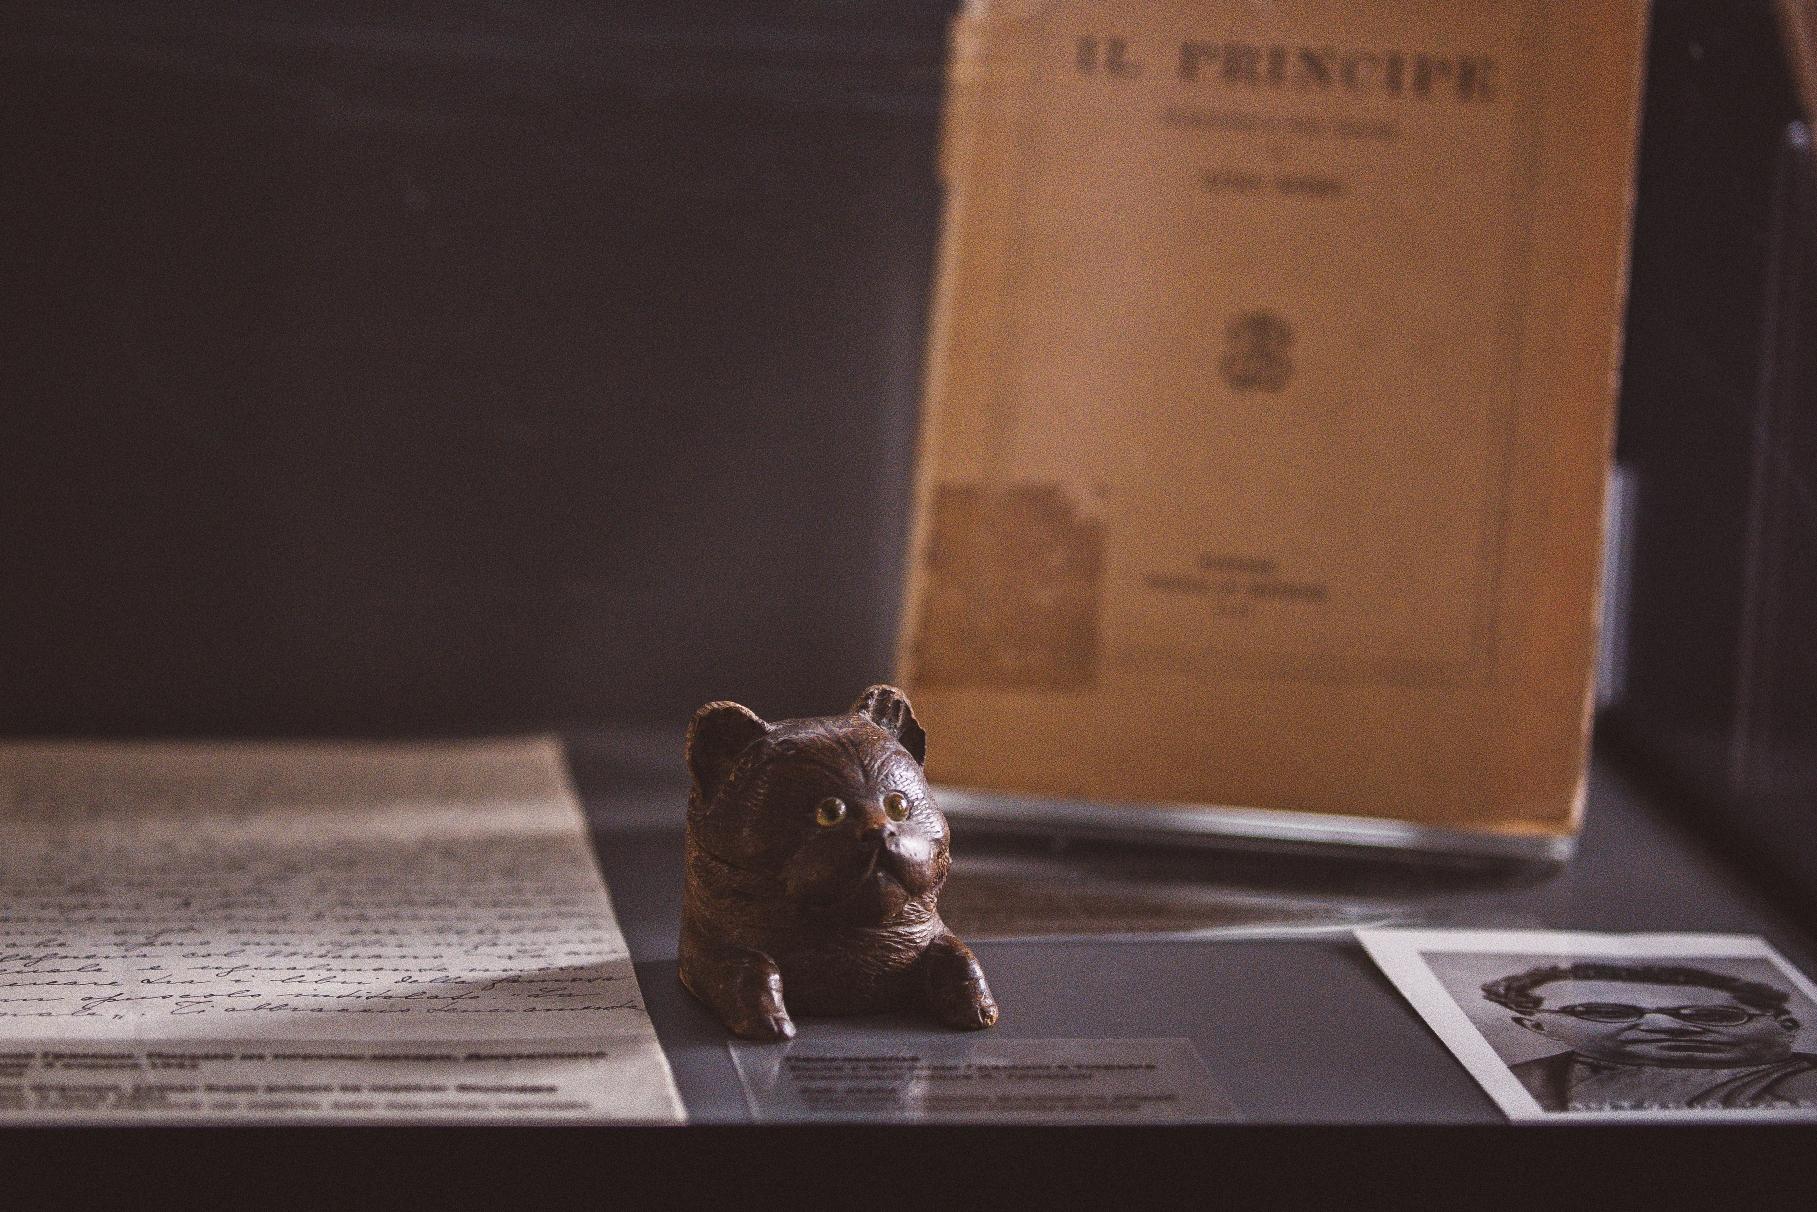 Между Римом и Москвой: «Тюремные тетради» Антонио Грамши смотреть фото